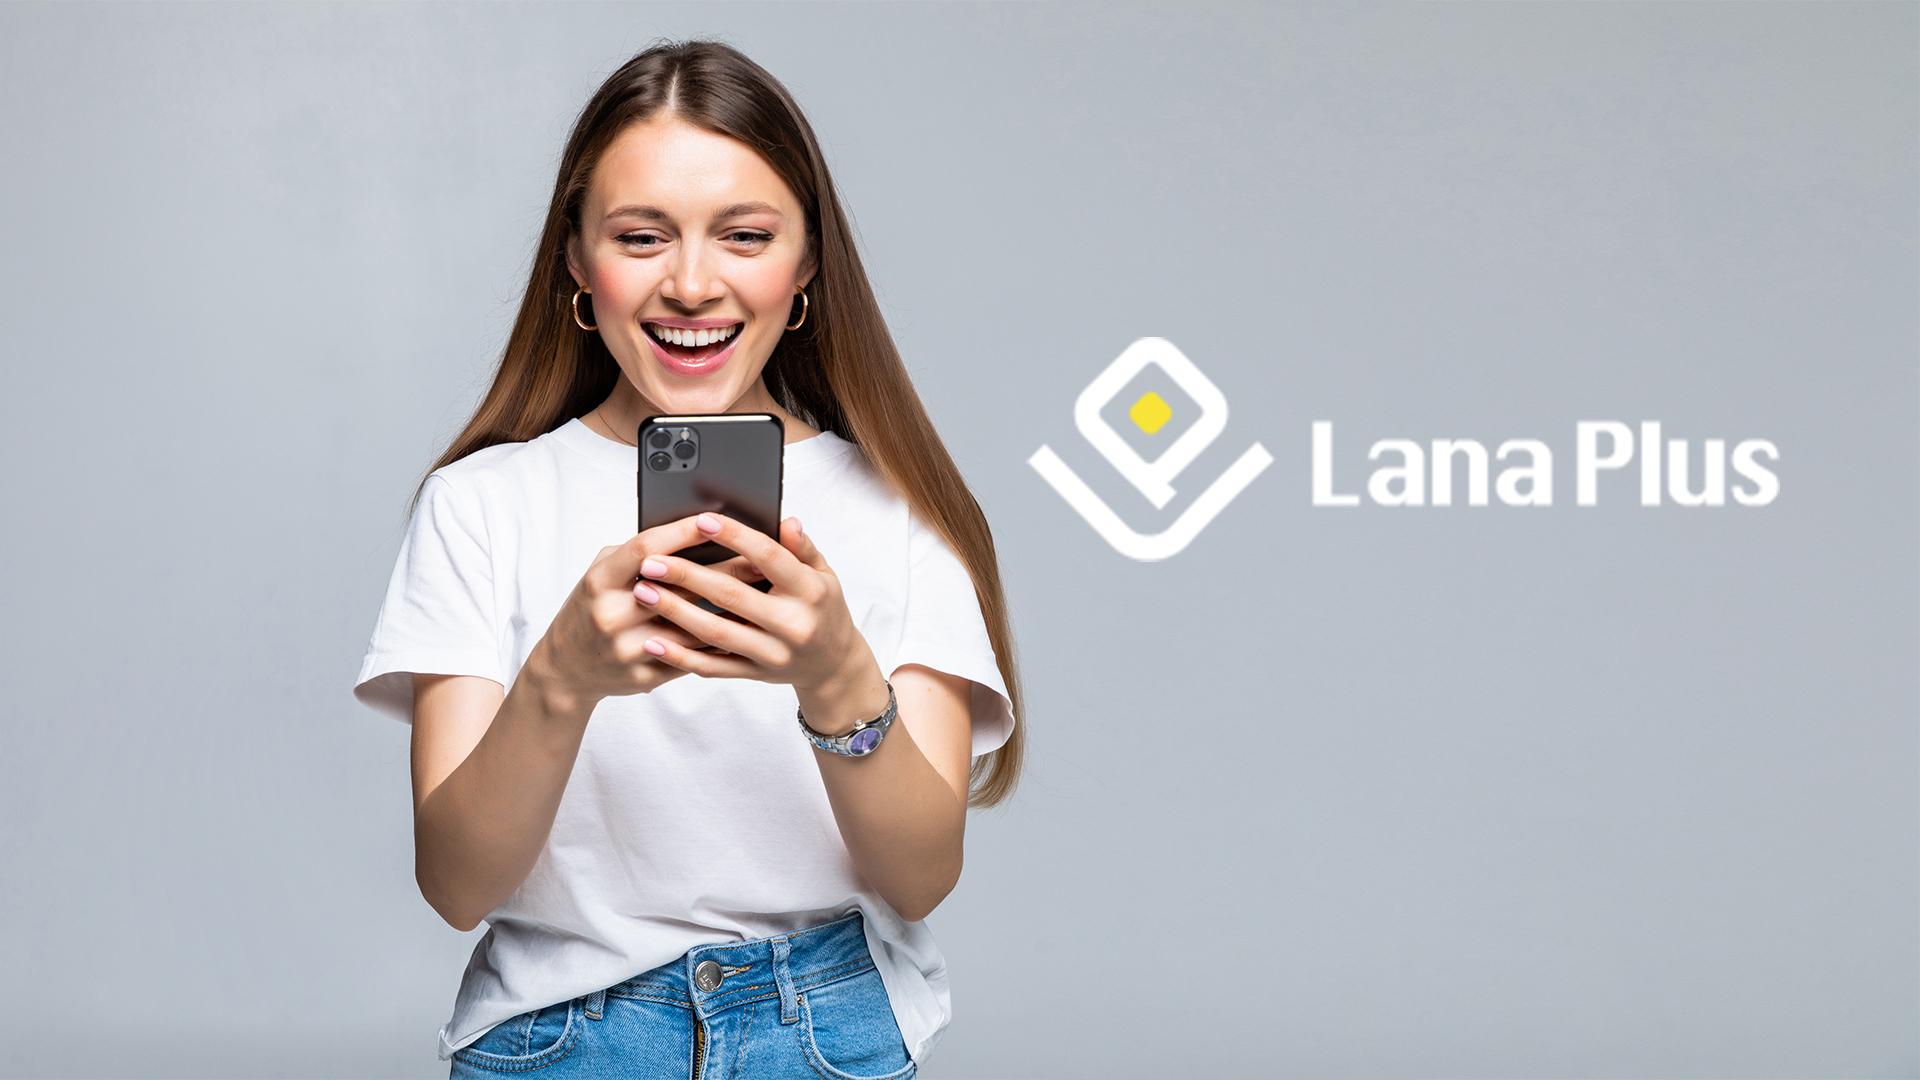 Lana Plus: Préstamos Personales, ¿Es Una Buena App? - Crédito Titán